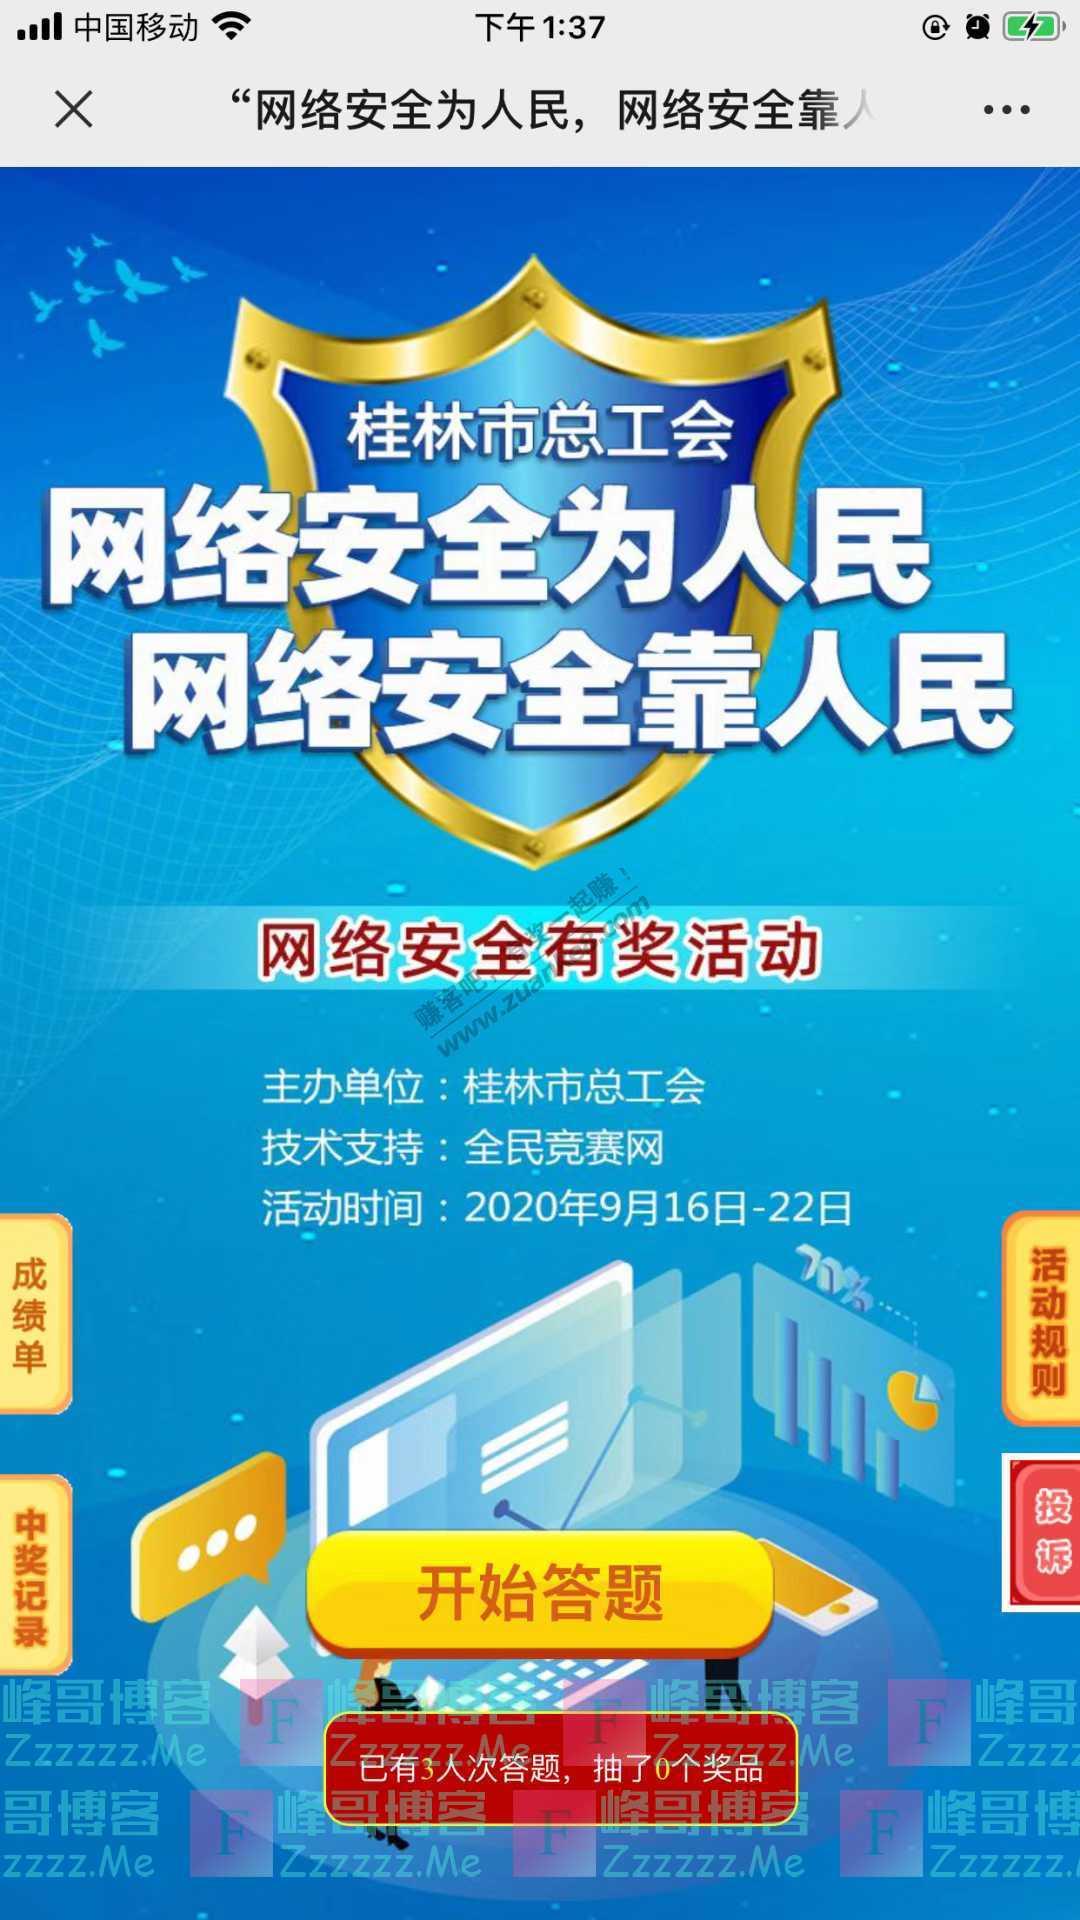 桂林职工微服务网络安全知多少,知识竞答奖品好,速速…(9月22日截止)